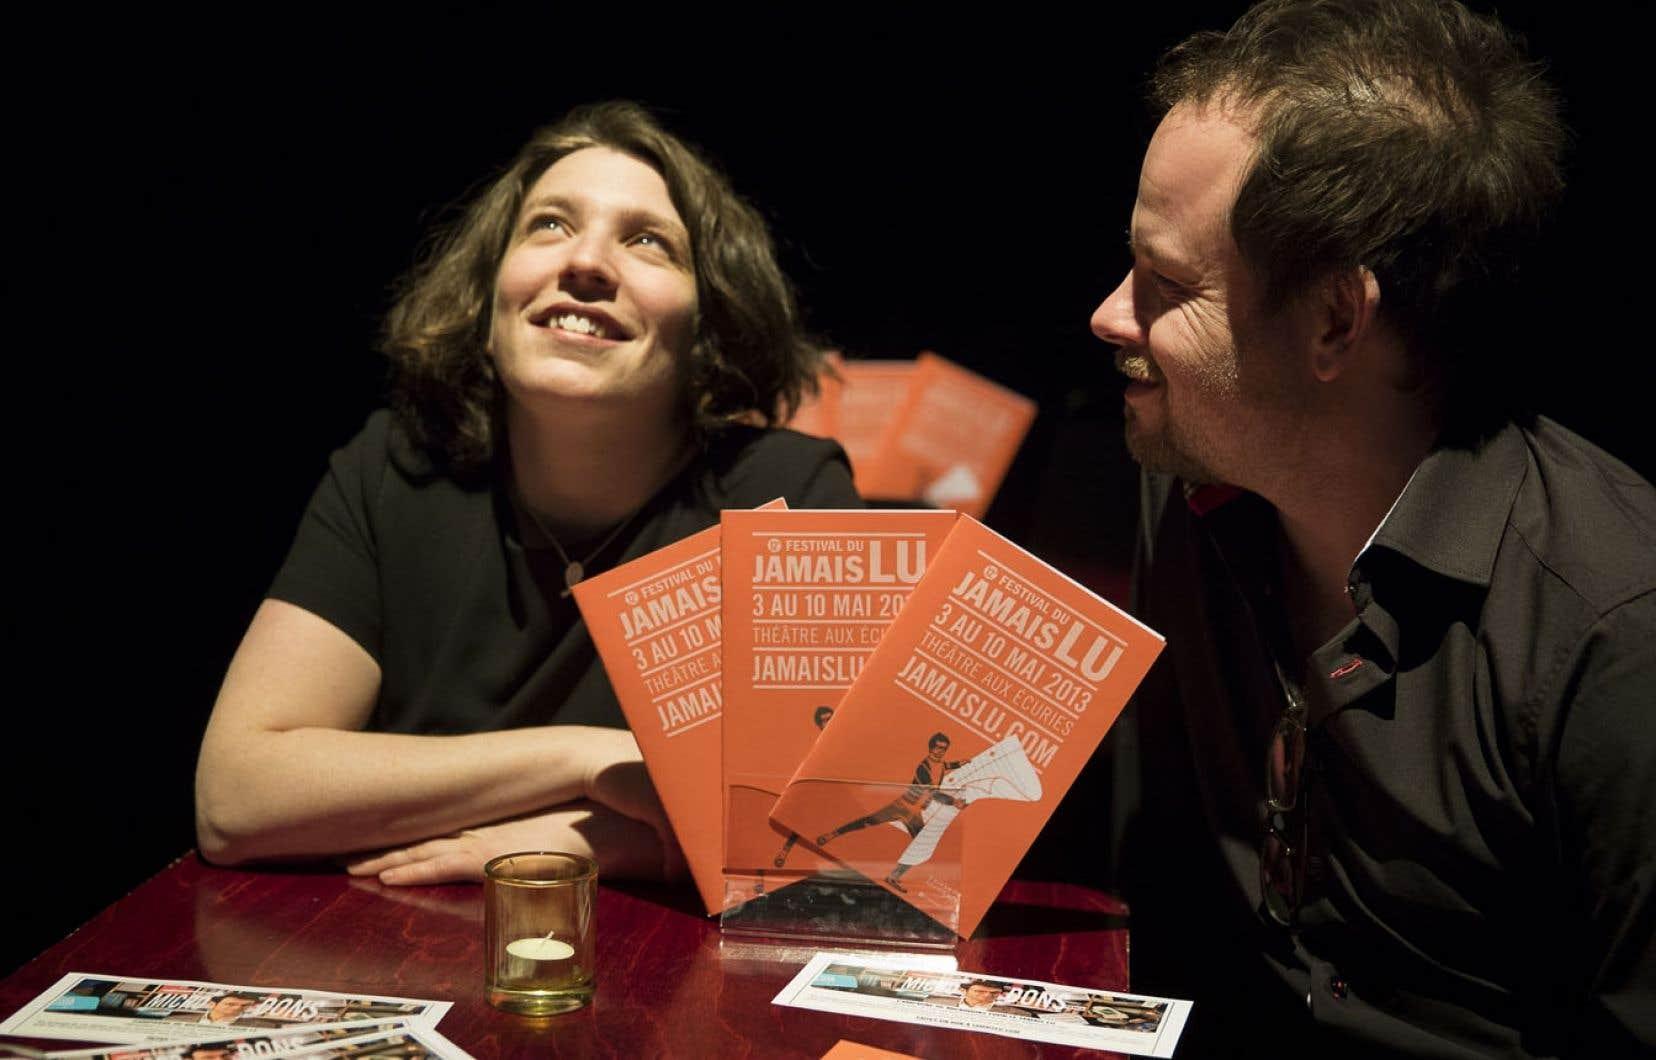 Pour cette 12e édition, placée sous le thème de ce qui nous lie à l'autre, Marcelle Dubois a demandé au metteur en scène et comédien Geoffrey Gaquère de l'assister à la direction artistique.